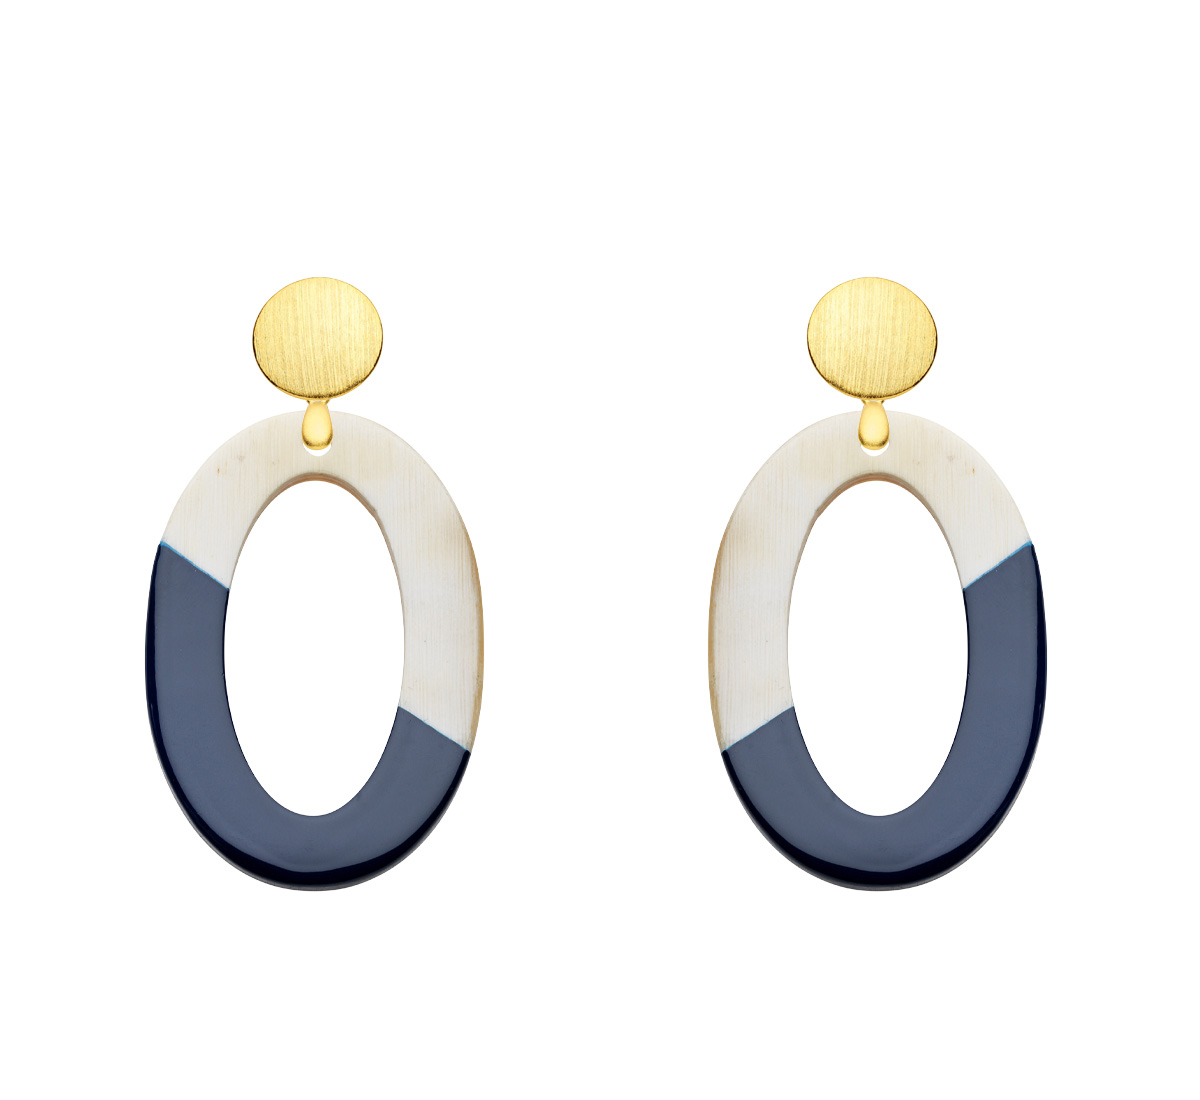 Ohrringe oval aus leichtem Horn in Blau mit matten Goldstecker aus der Banwa Kollektion von Romy North